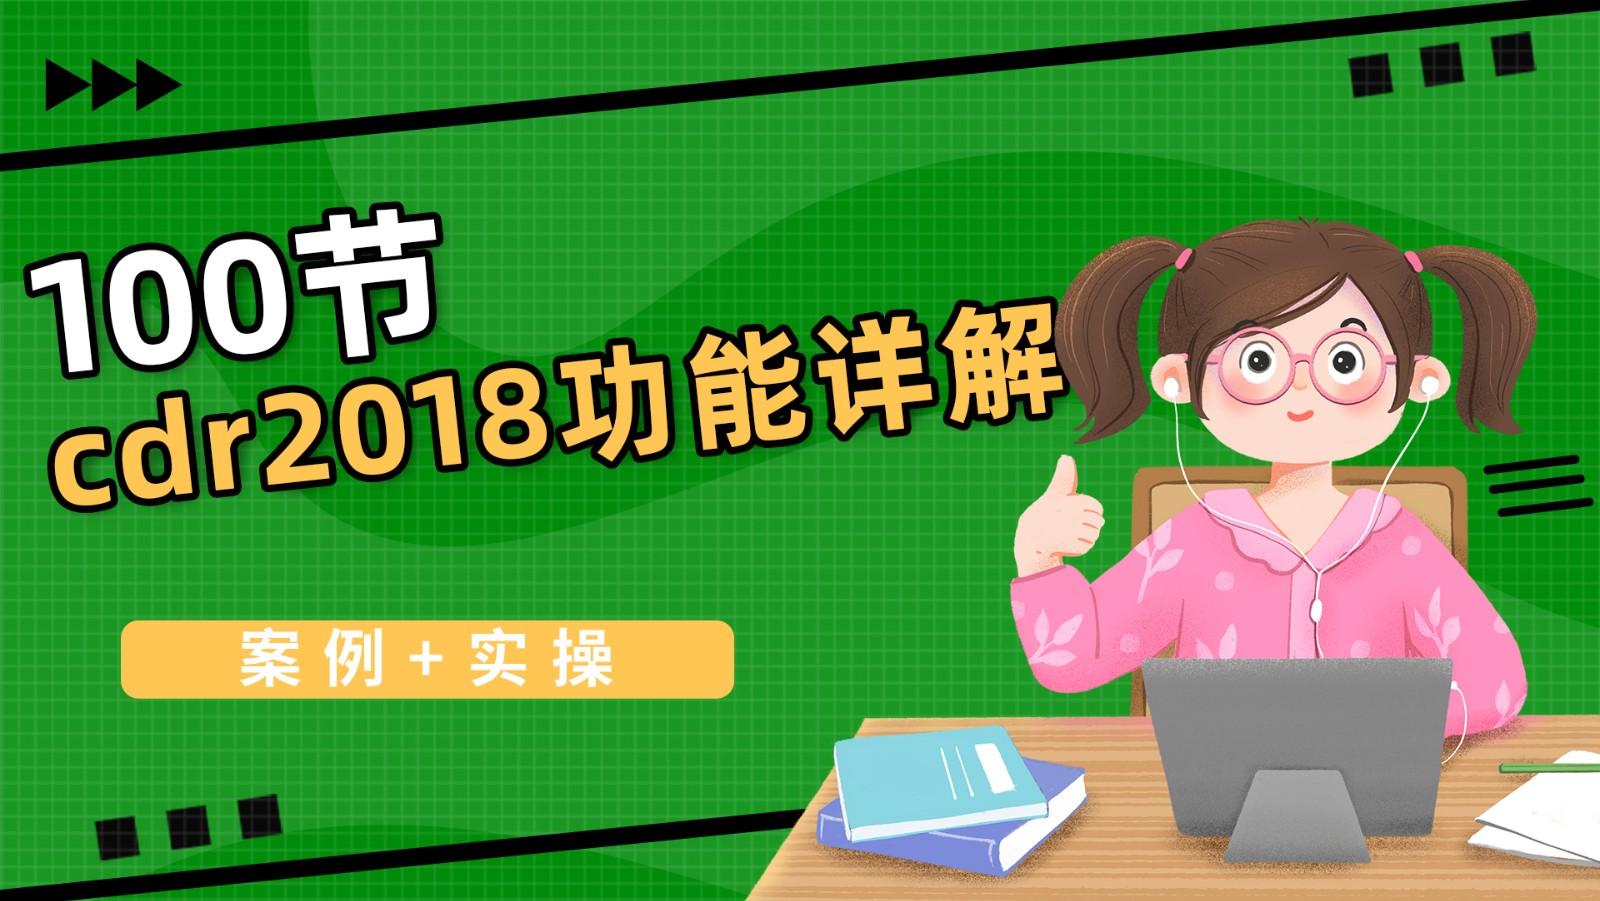 100节cdr2018功能详解(案例+实操)